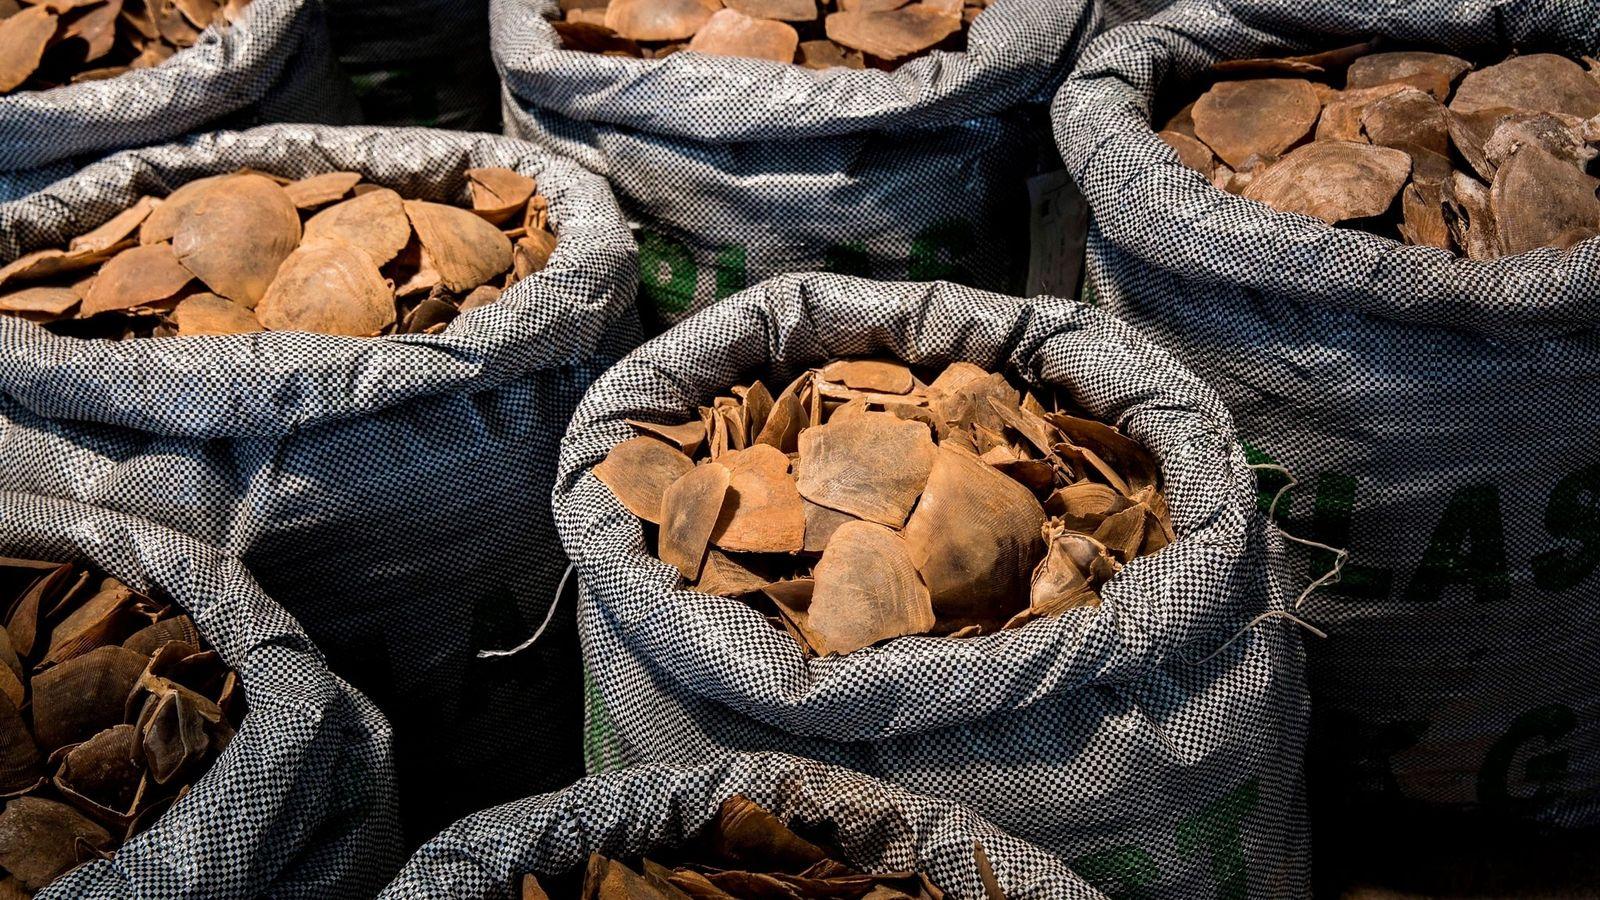 Más de 128 toneladas de escamas y carne de pangolín fueron interceptadas mundialmente el año pasado, un ...